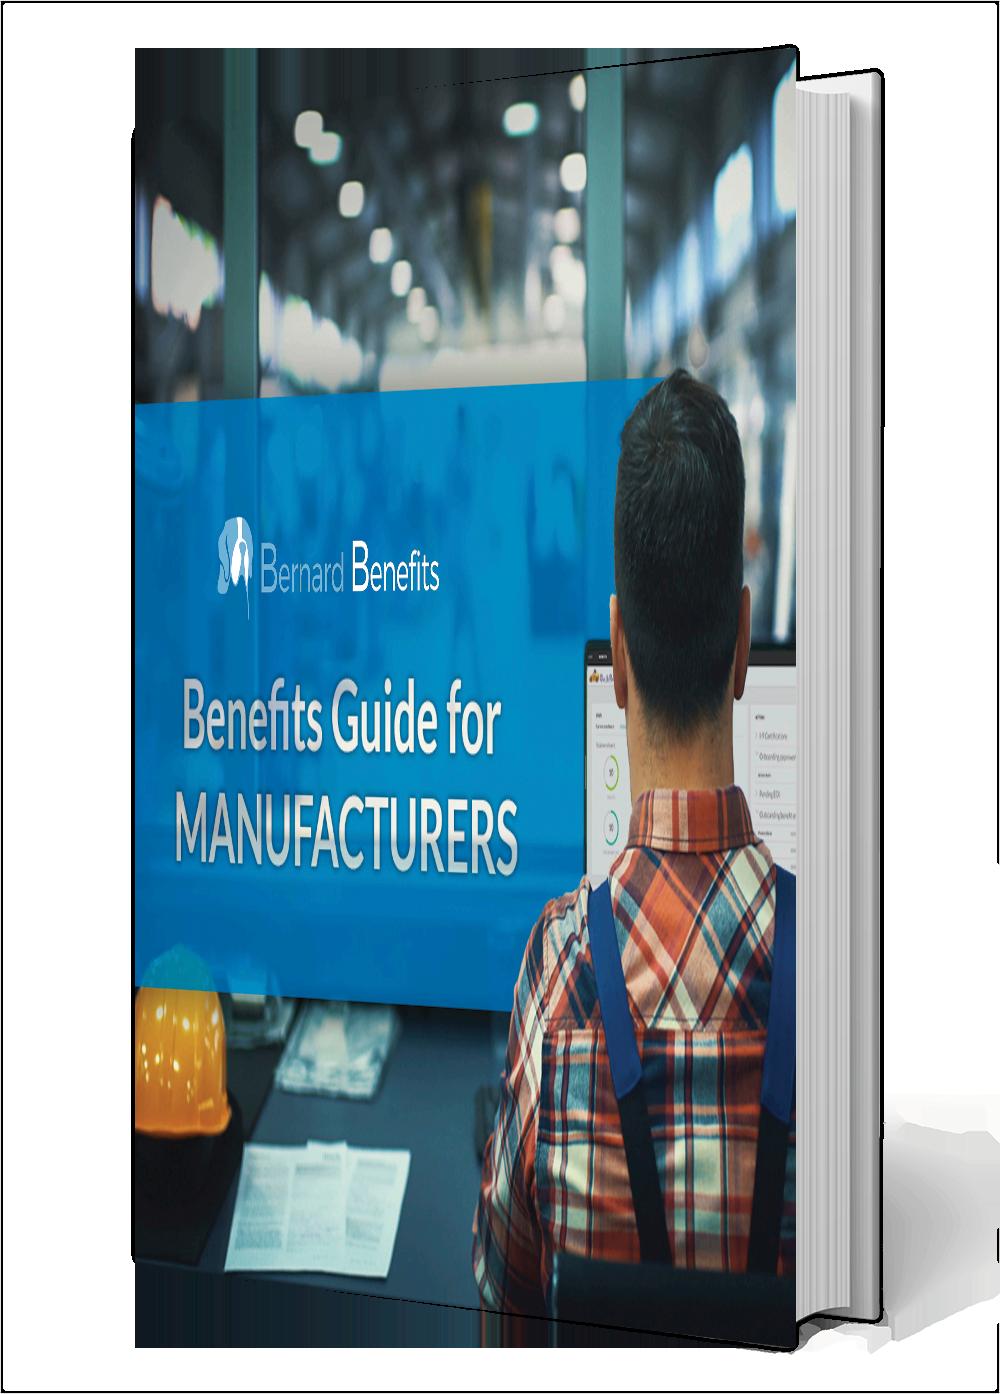 c502c904-de-manufacturers-e-book_0d10i60d10i4000001